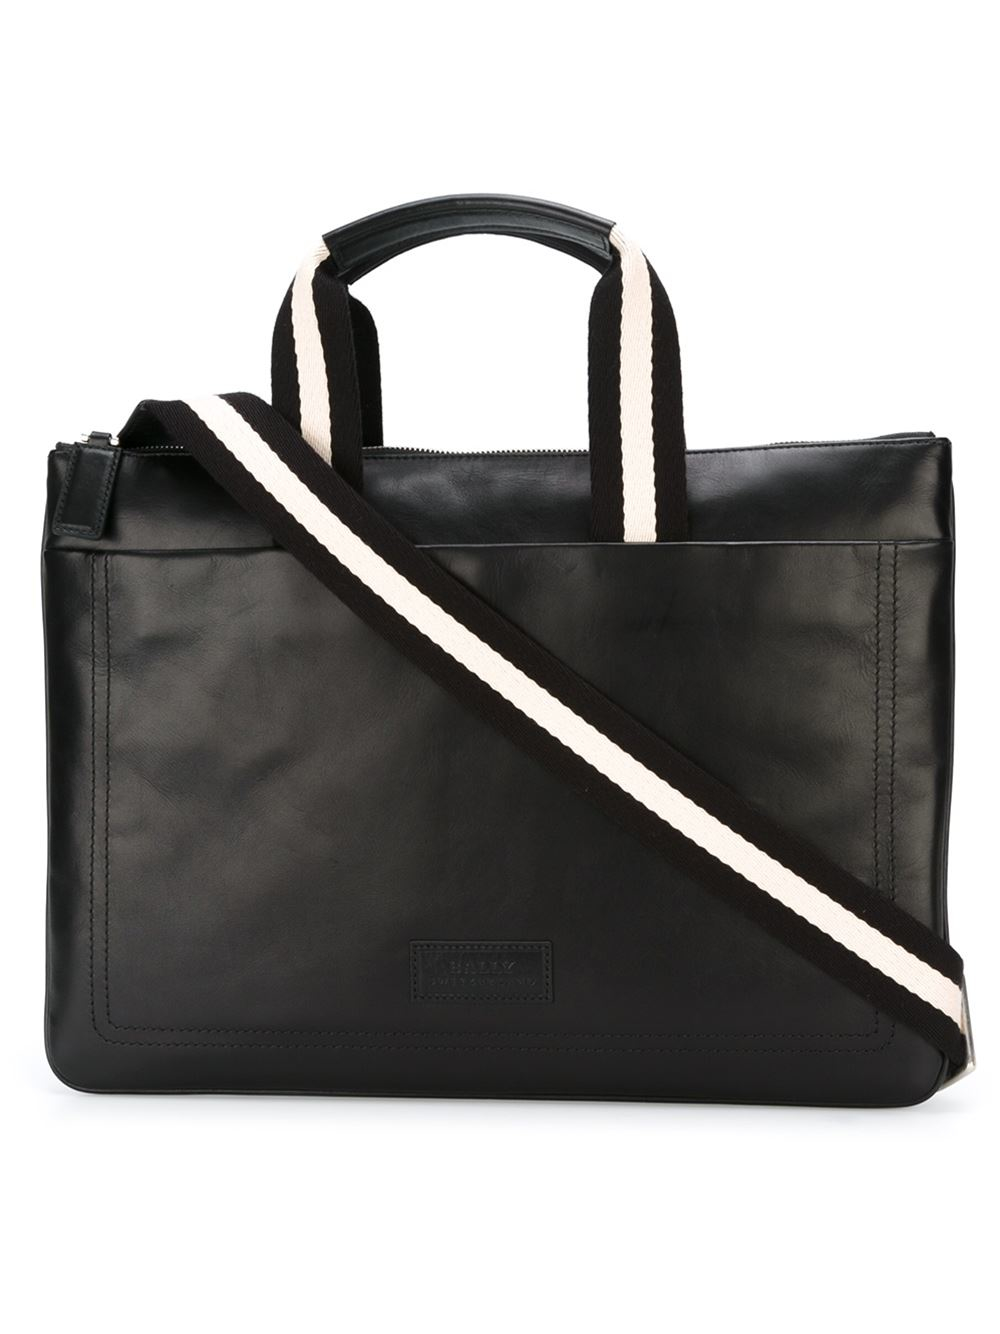 fa58ed372610 Bally u tiganu briefcase in black for men lyst jpg 1000x1334 Lyst bally mens  briefcases